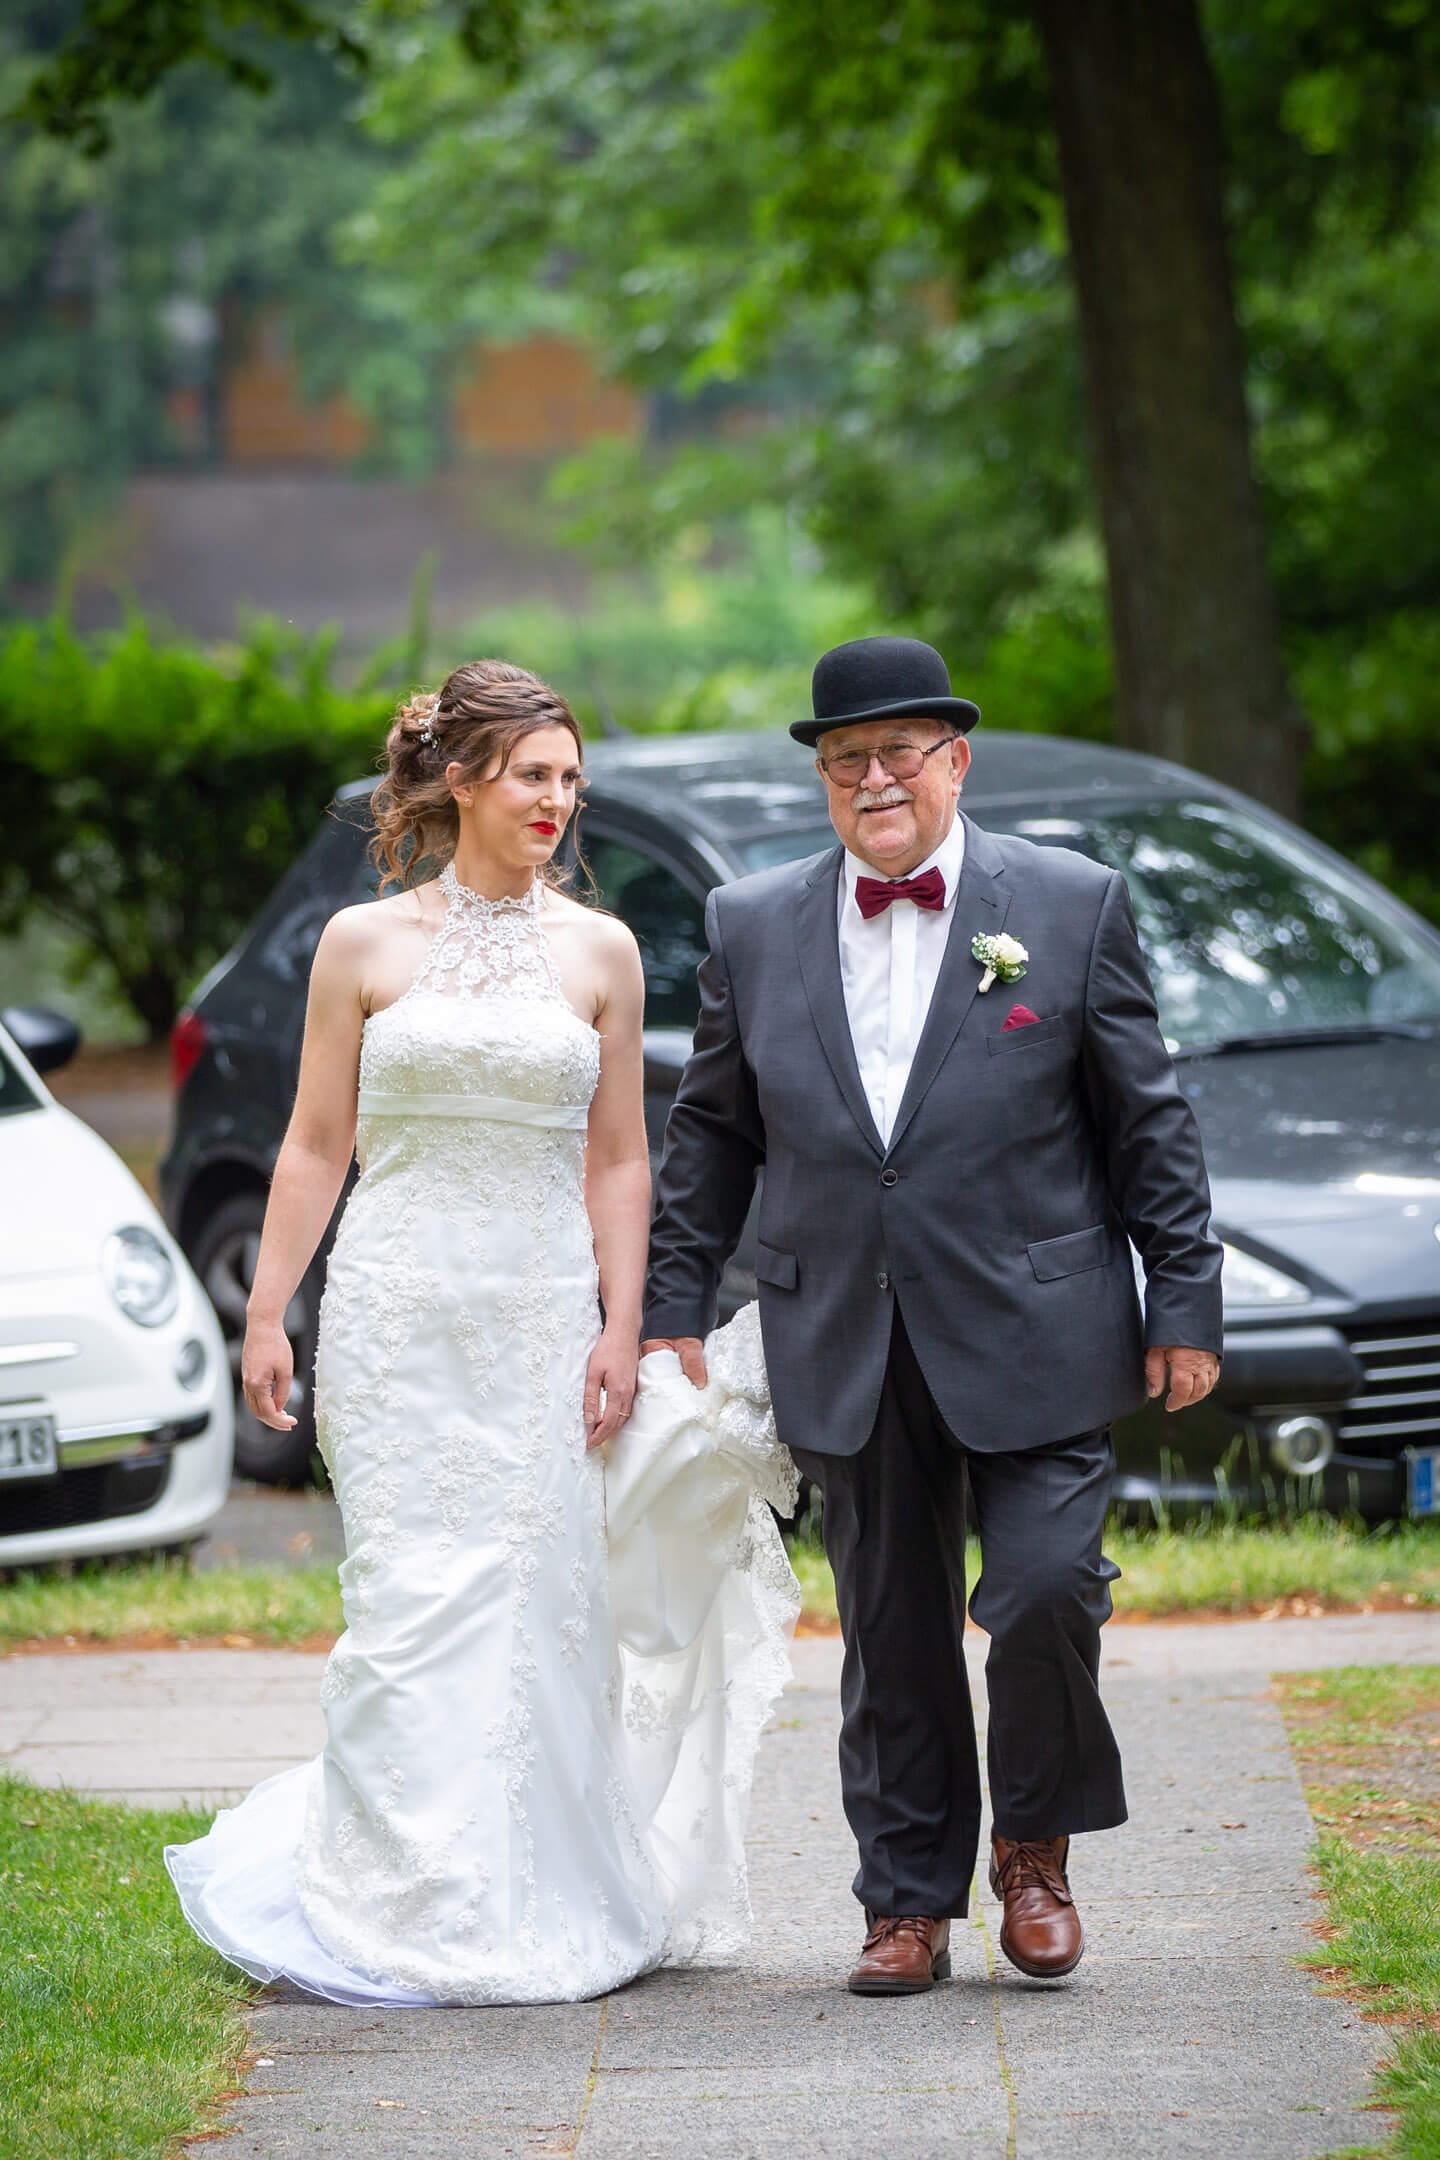 Brautvater führt seine Tochter zur Kirche